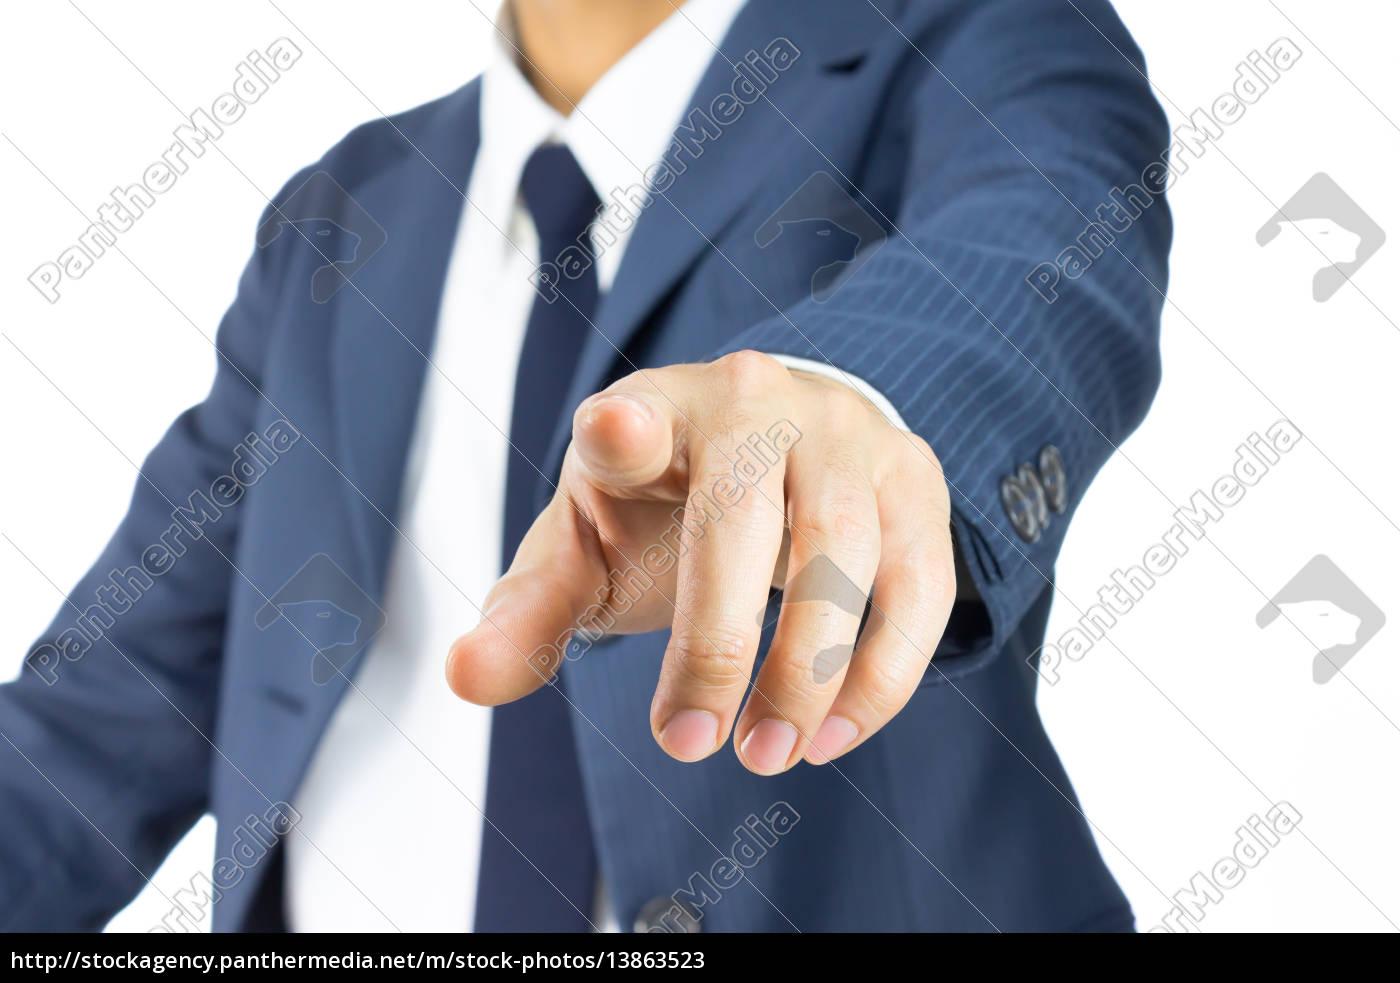 uomo, d'affari, che, tocca, schermo, o - 13863523